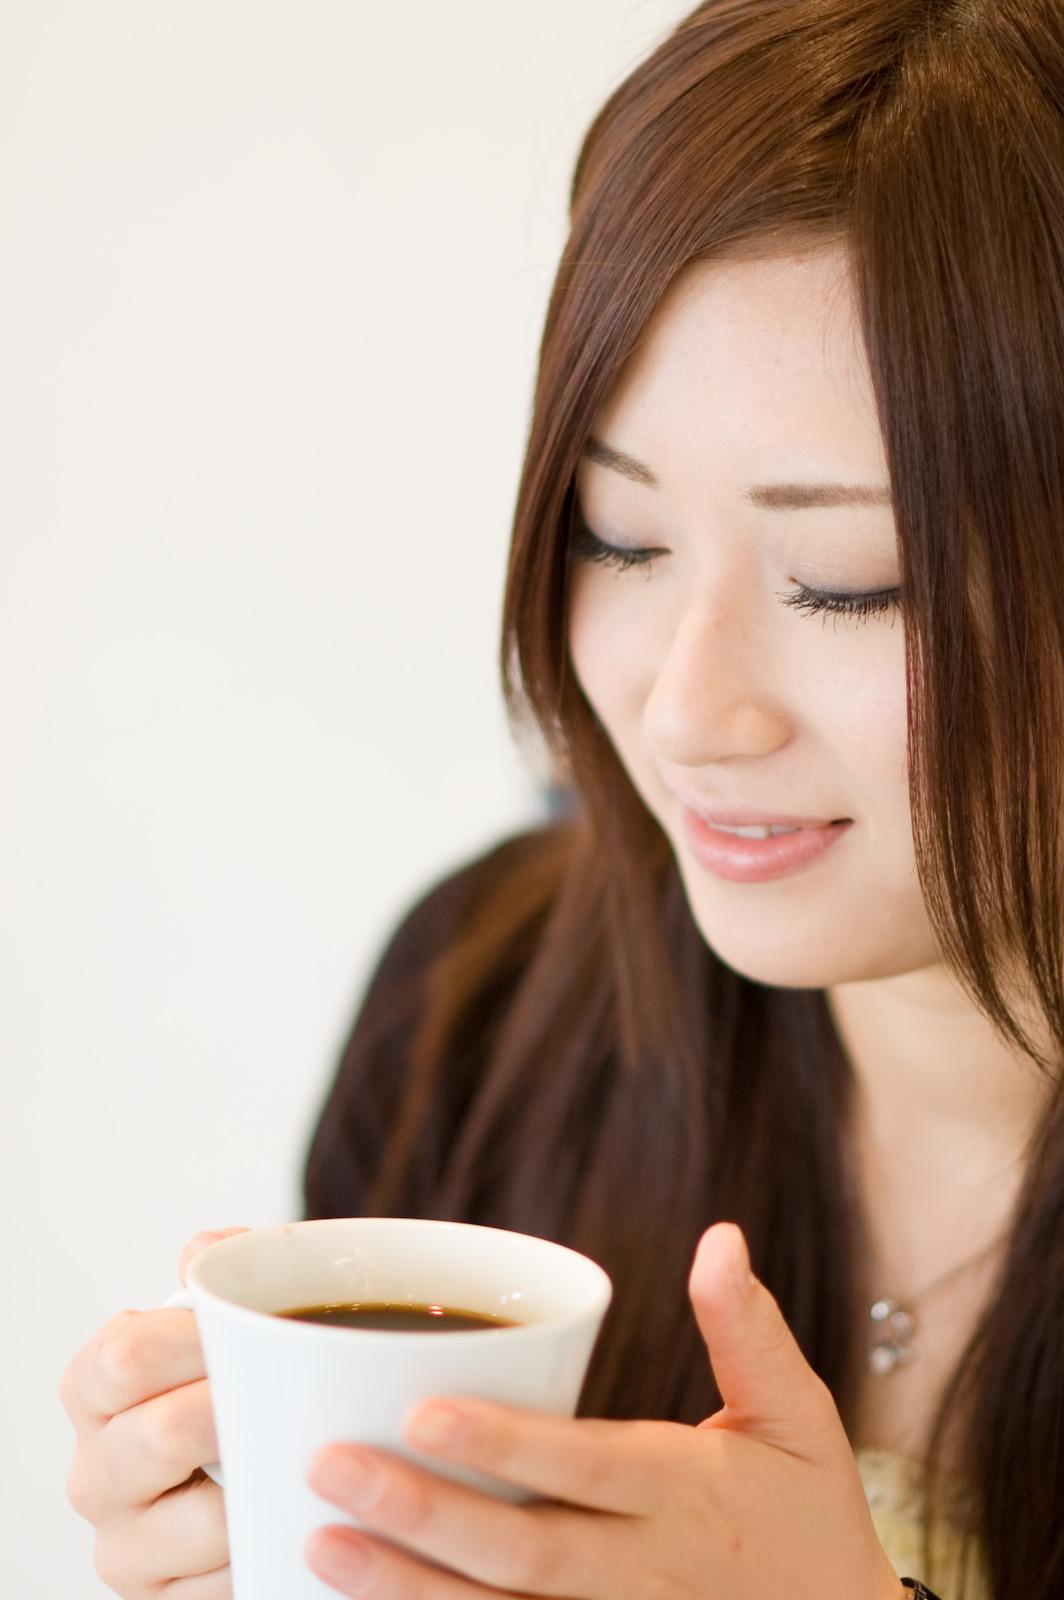 コーヒーカップを持つ